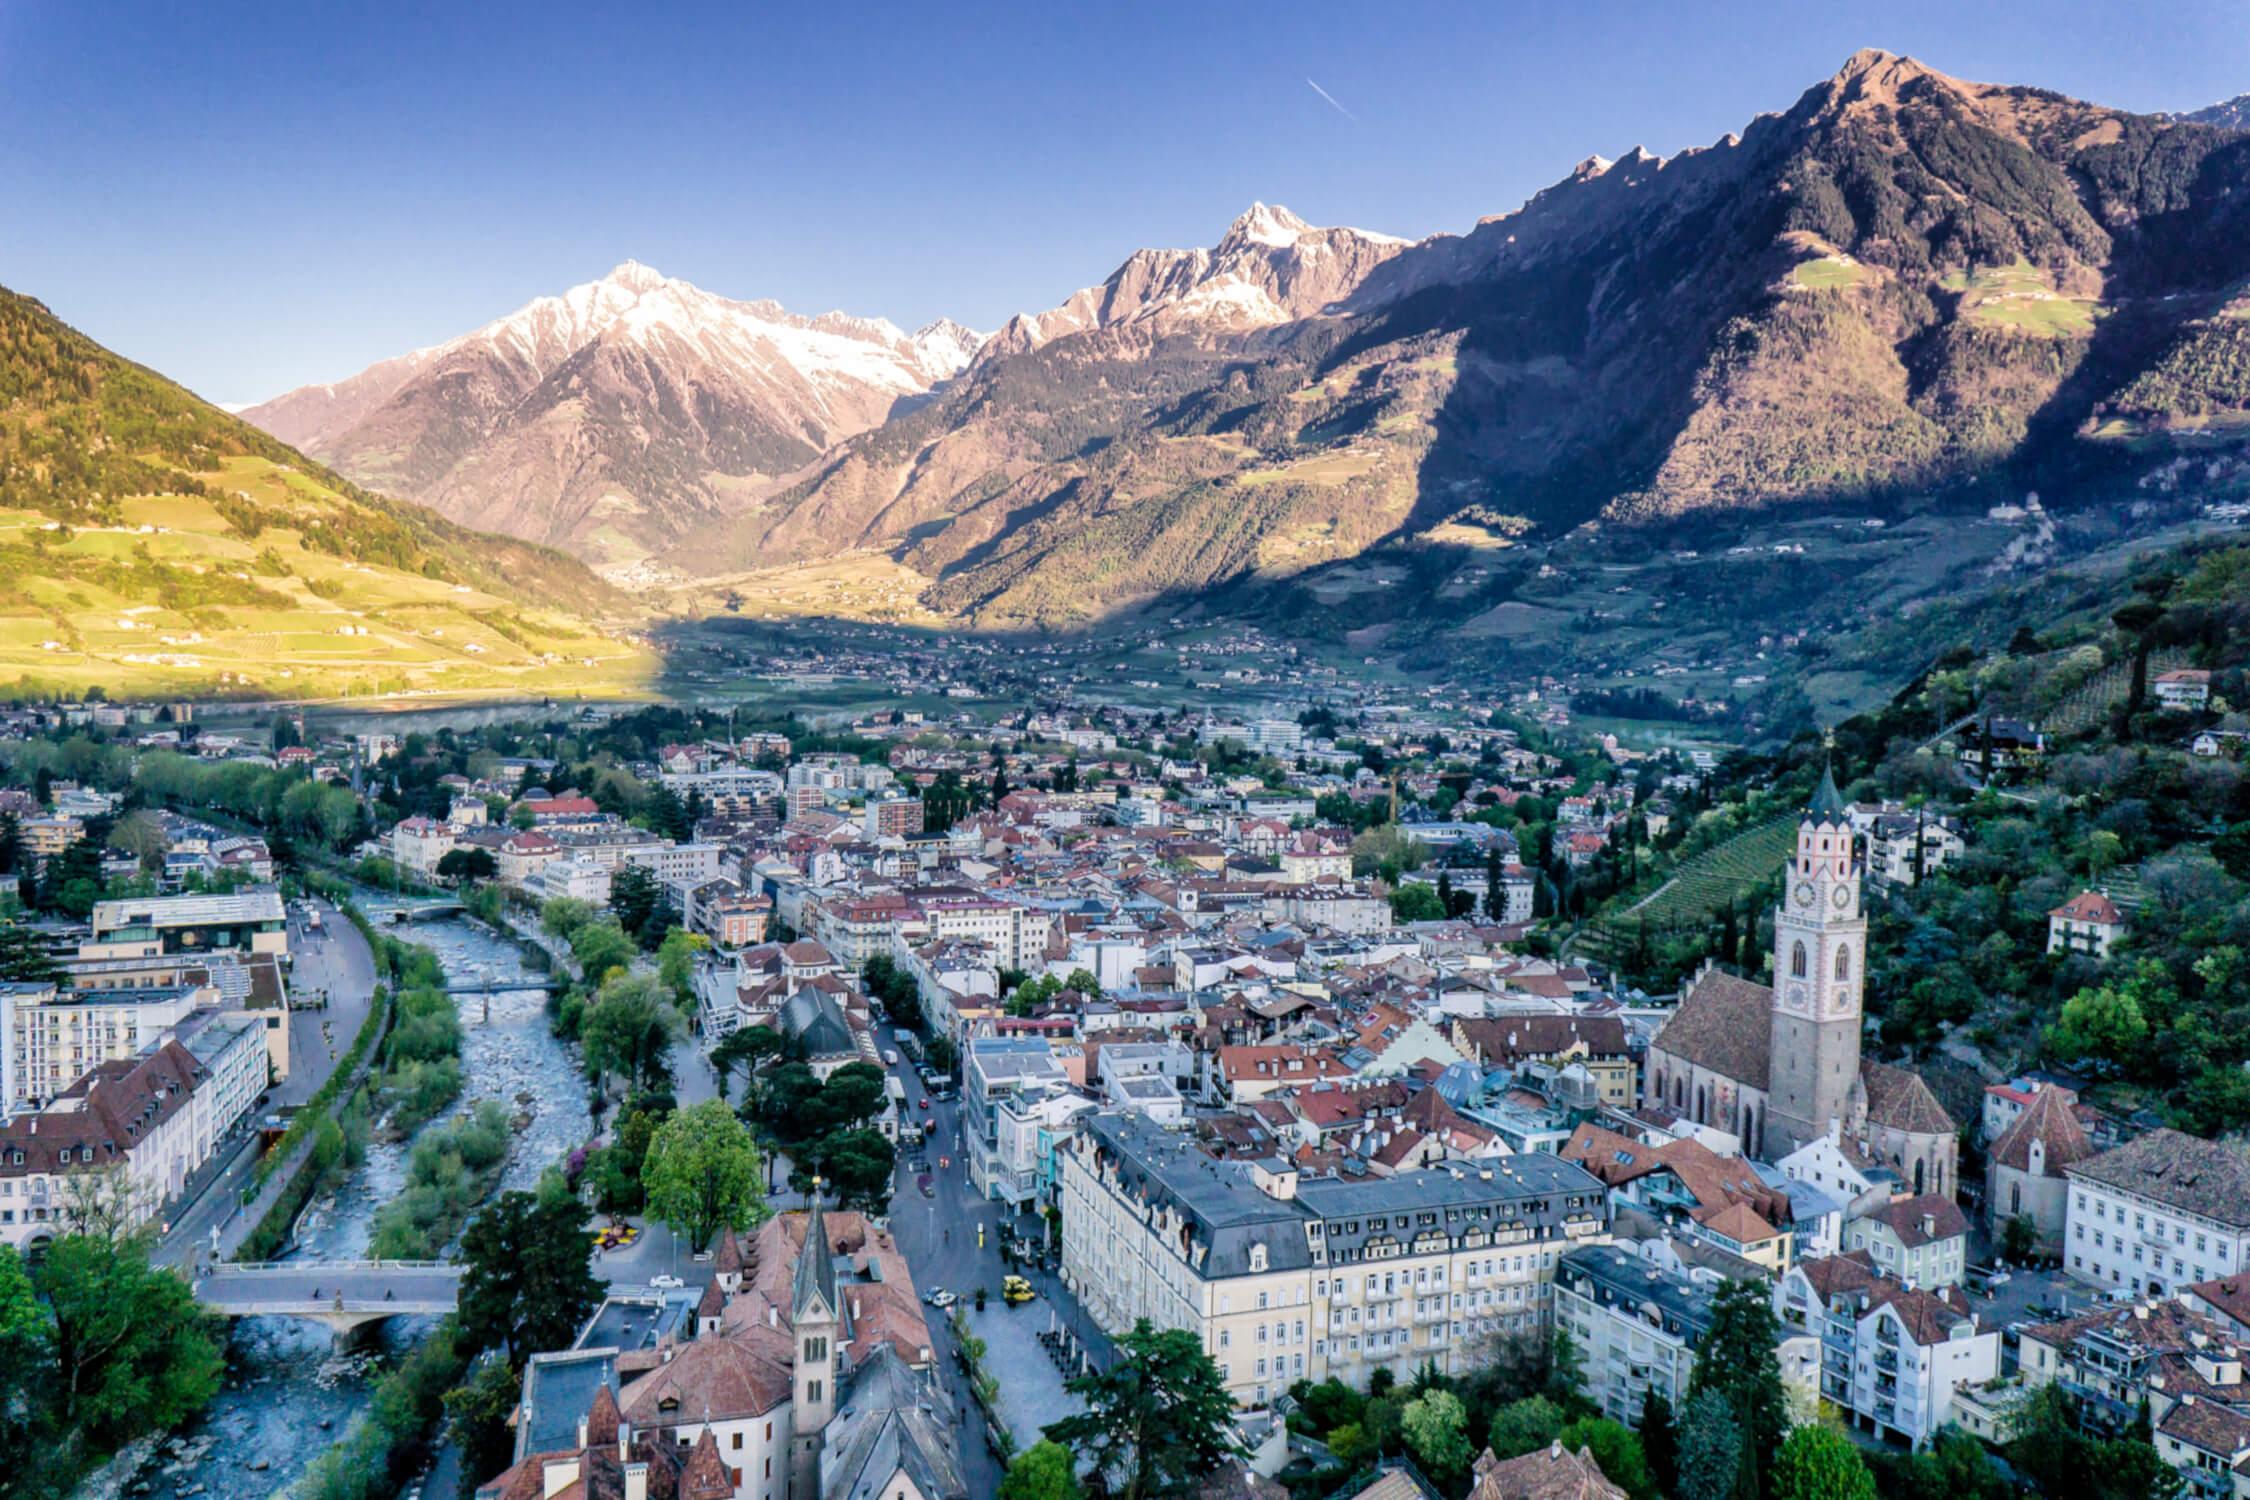 Panorama über die Meraner Altstadt, Südtirol, Italien © Kurverwaltung Meran Gigi Sommese